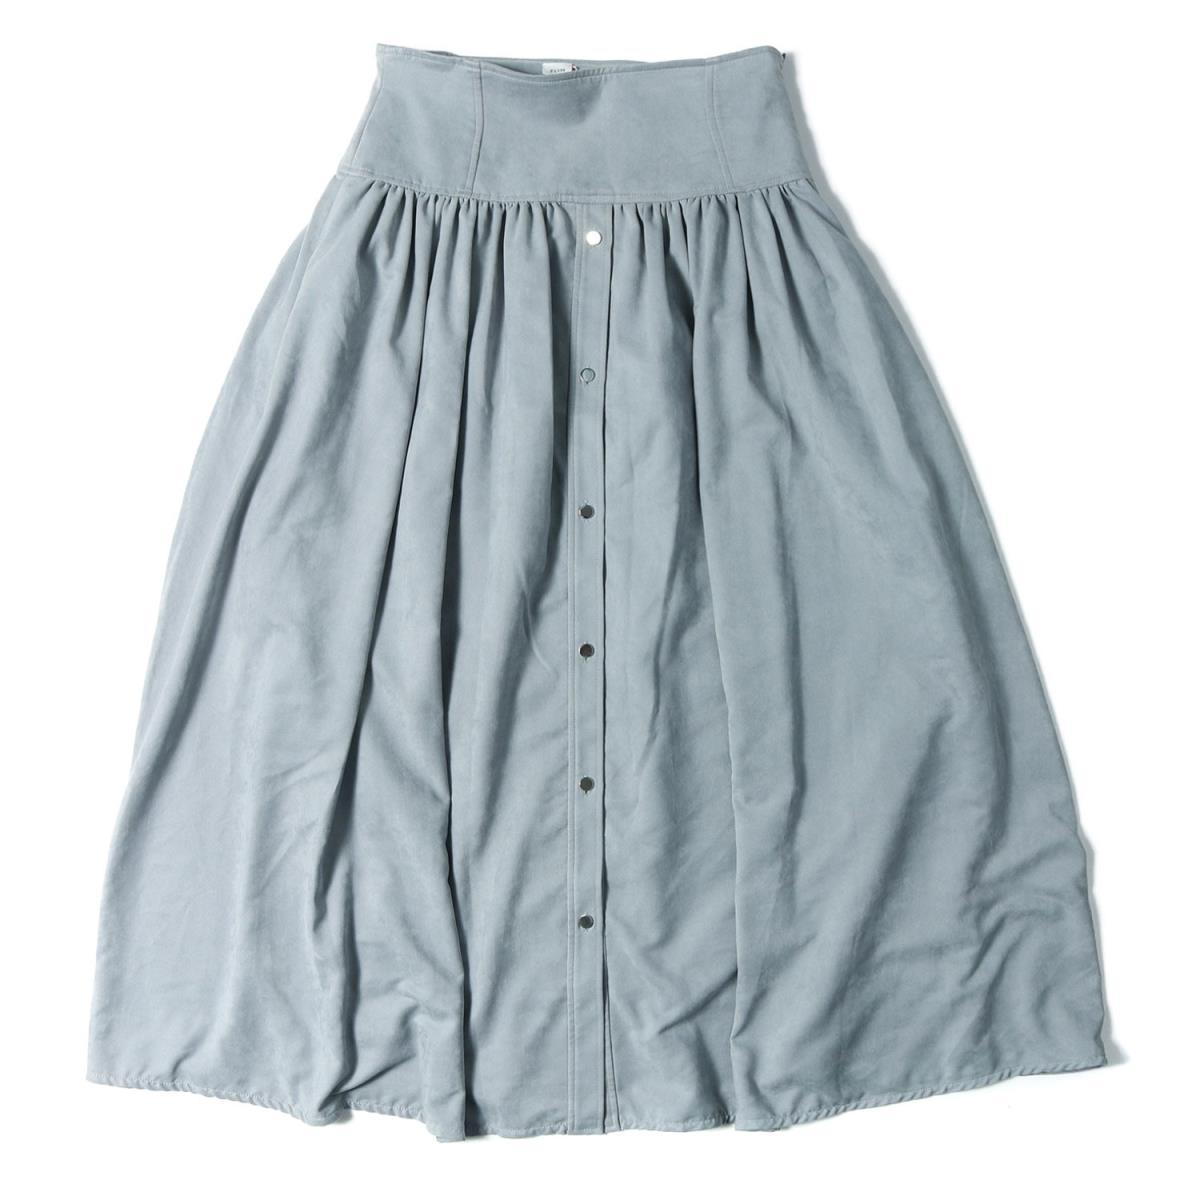 ELIN(エリン) フェイクスエード ギャザースカート 18秋冬 ブルー 38(M) 【レディース】【中古】【美品】【K2637】